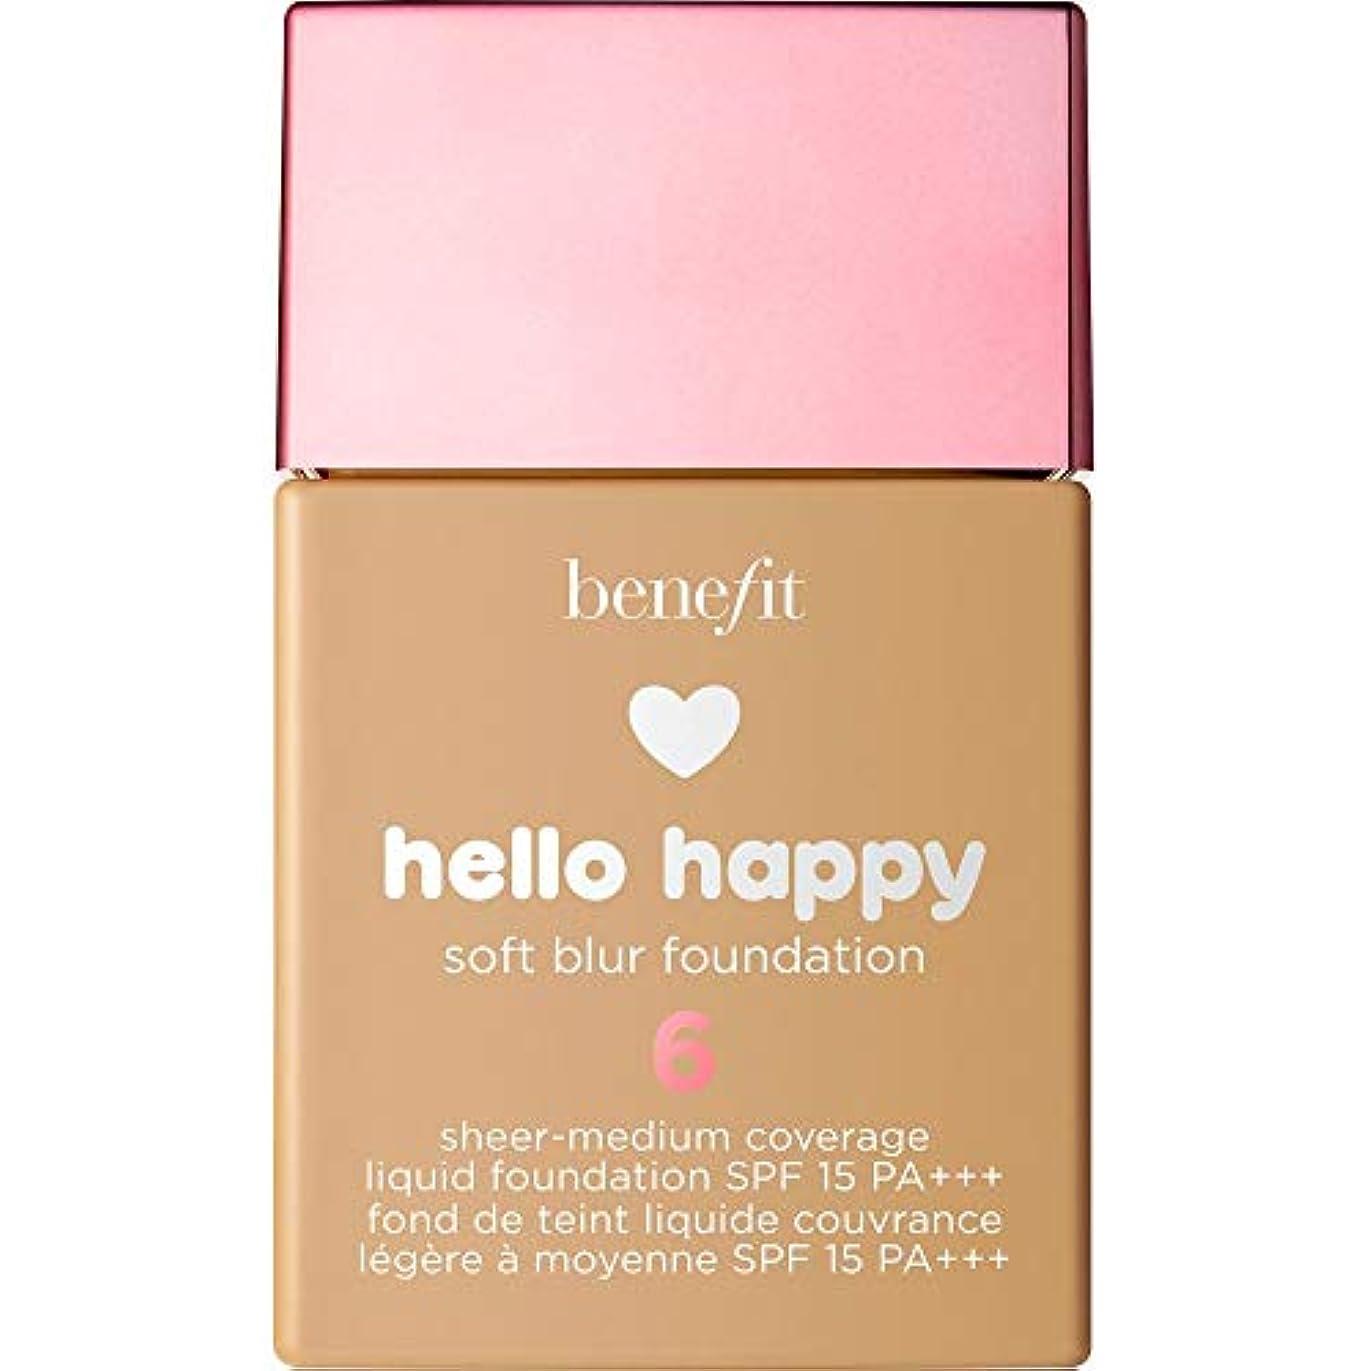 希望に満ちたガイダンスオープニング[Benefit] こんにちは幸せなソフトブラー基礎Spf15 30ミリリットル6に利益をもたらす - 温培地 - Benefit Hello Happy Soft Blur Foundation SPF15 30ml...